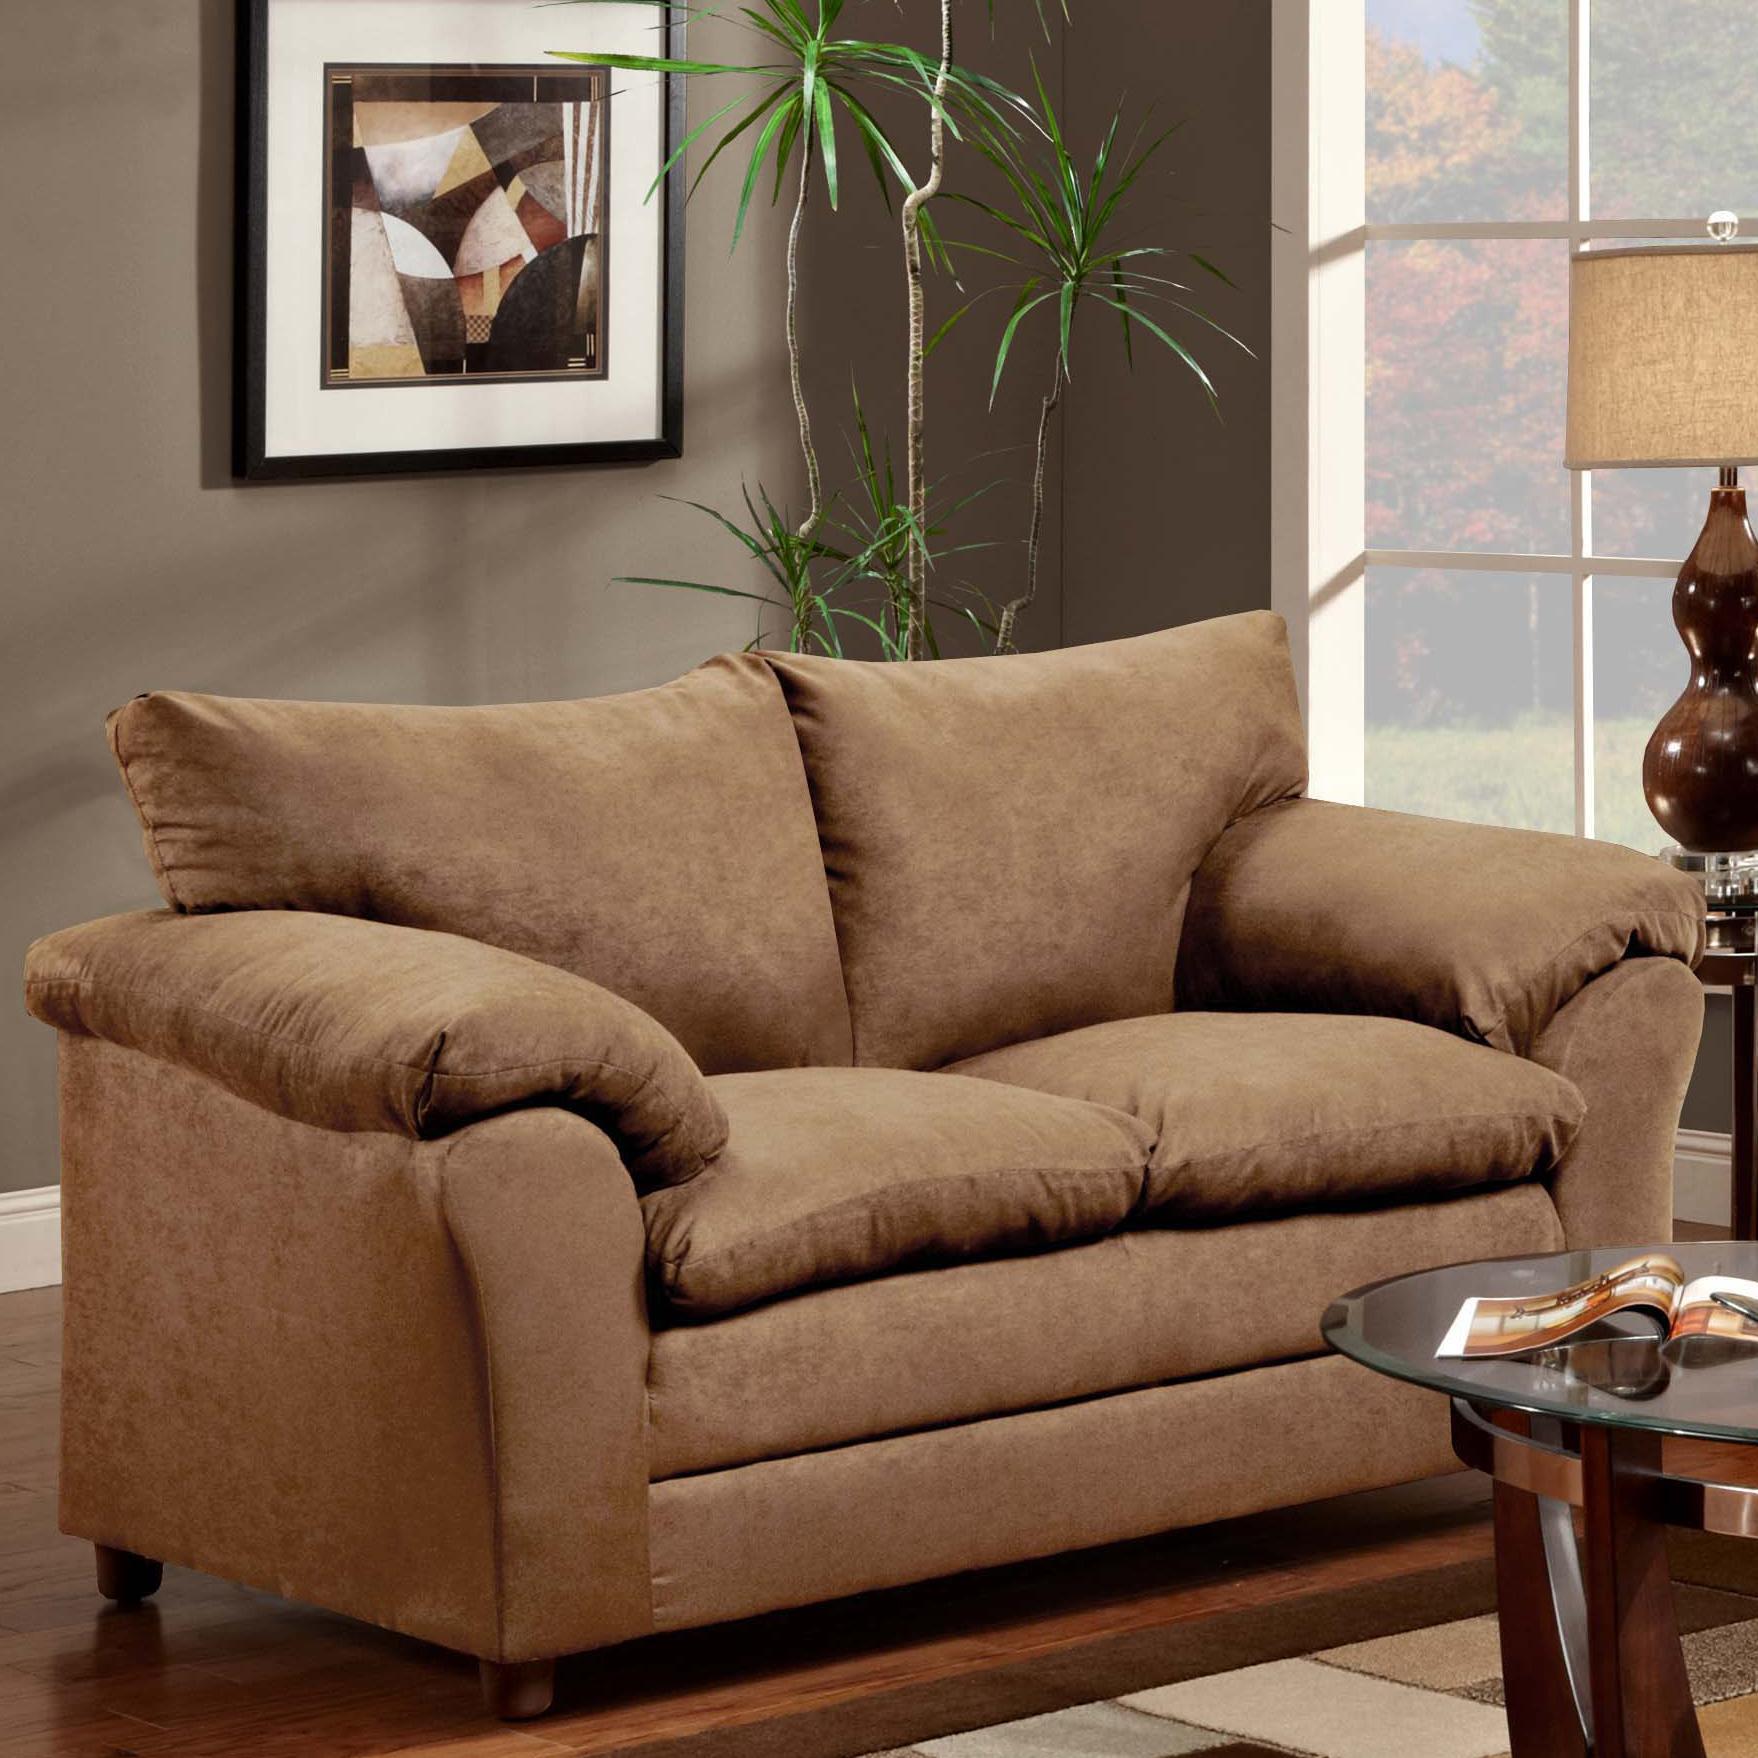 Washington Furniture 1150 Loveseat - Item Number: 1150-LS Taupe